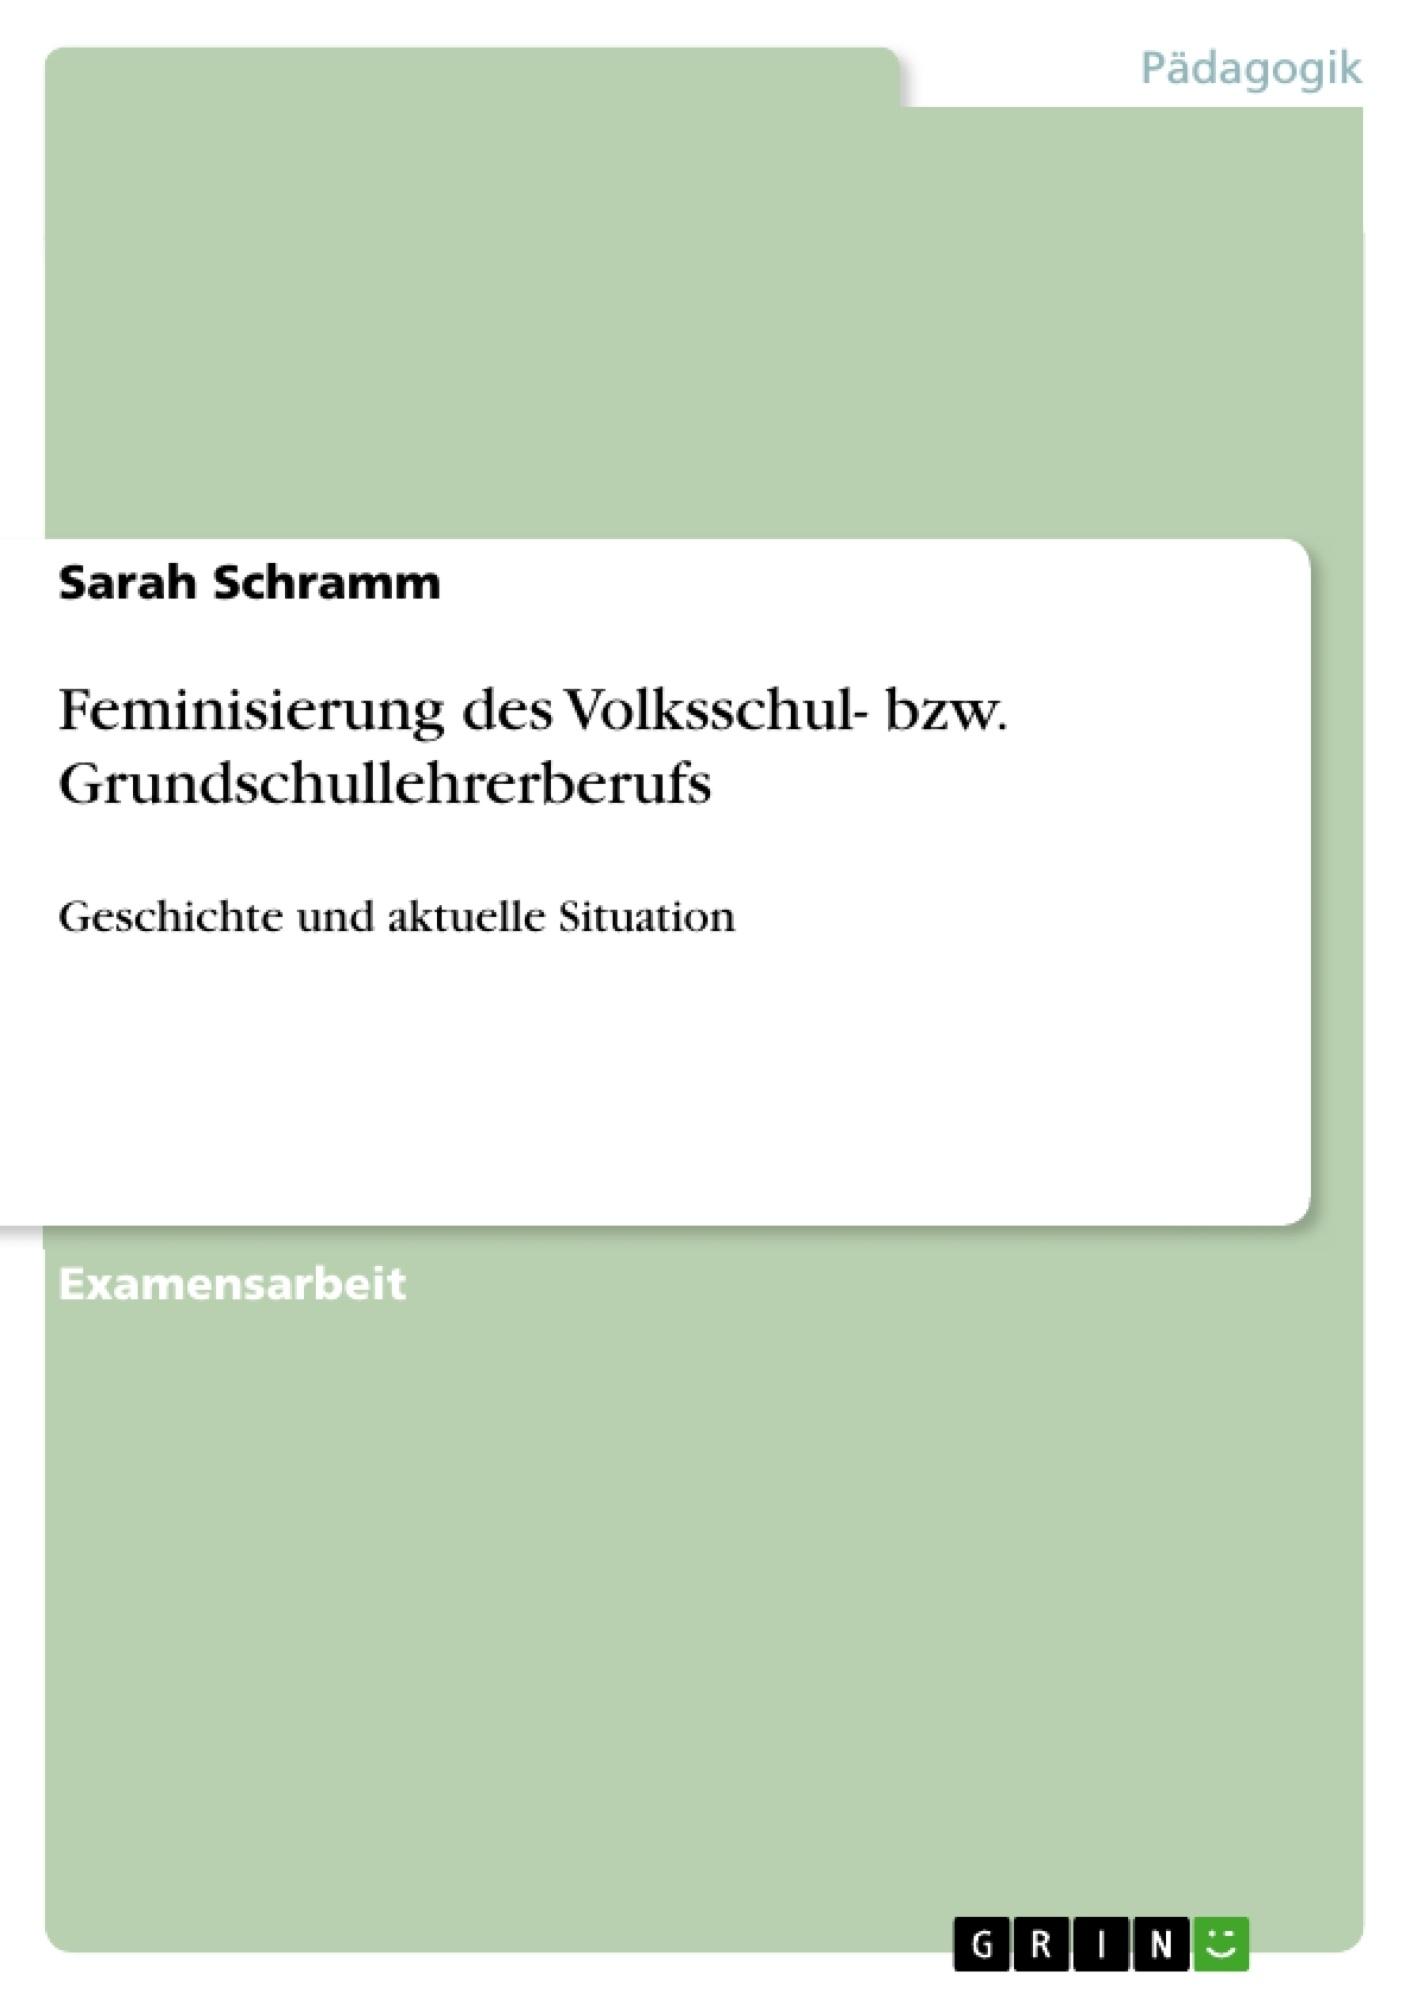 Titel: Feminisierung des Volksschul- bzw. Grundschullehrerberufs